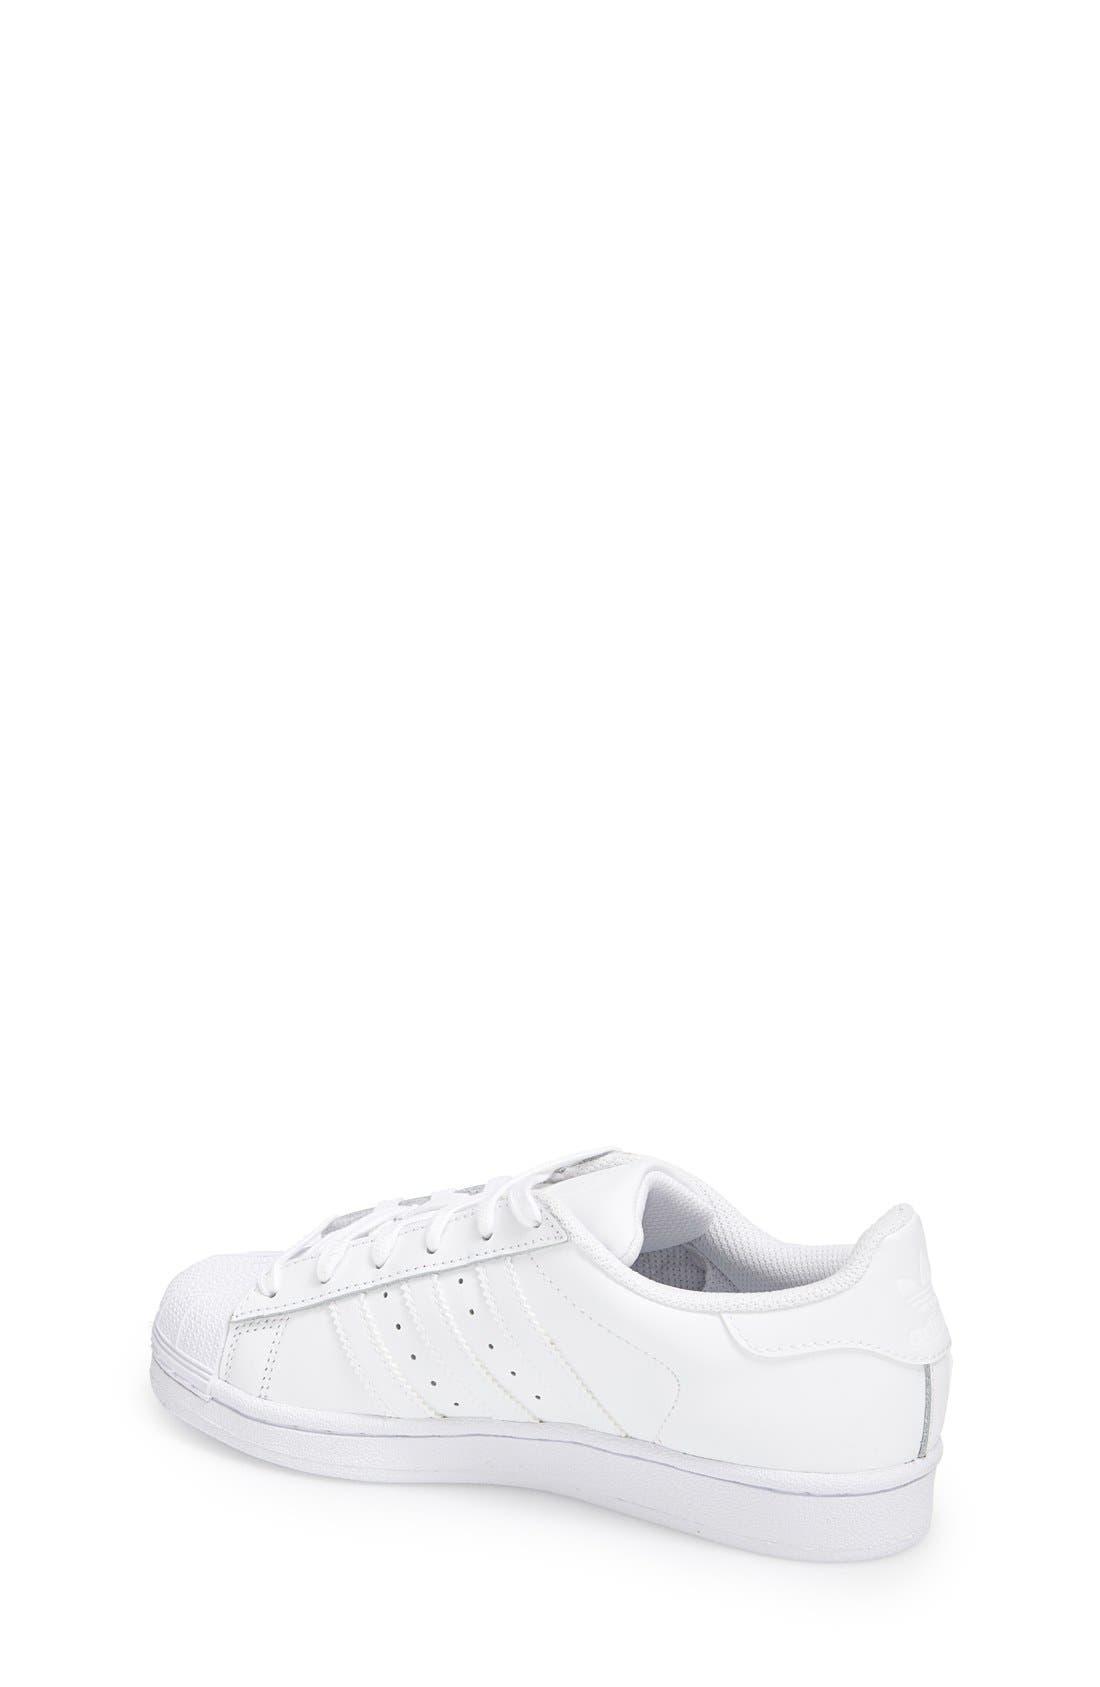 'Superstar 2' Sneaker,                             Alternate thumbnail 2, color,                             White/ White